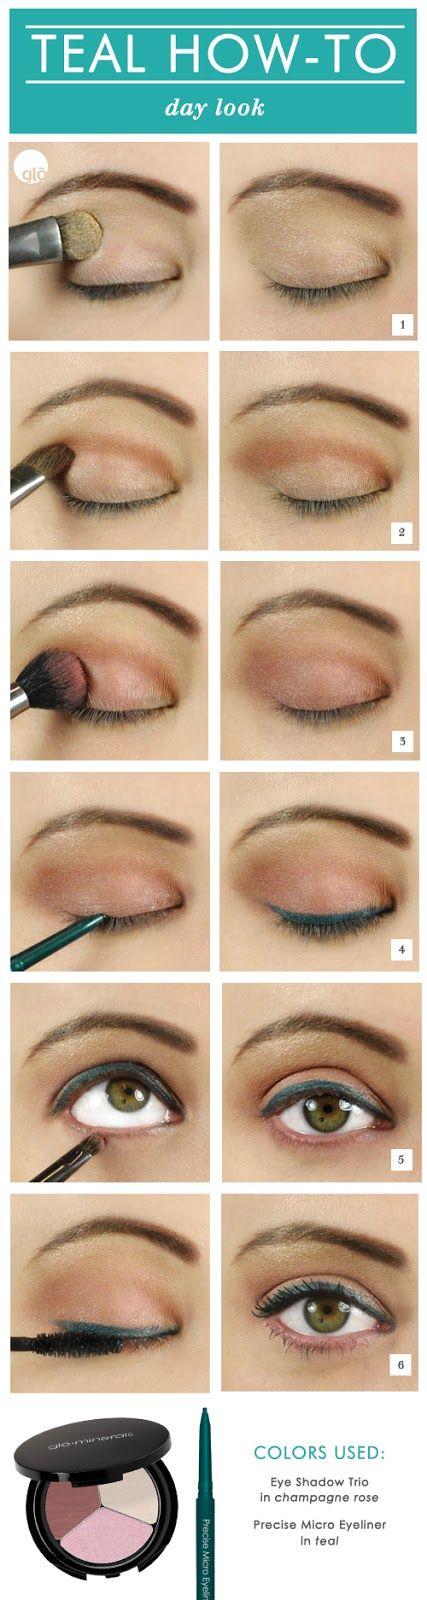 Makeup Tutorial: Creating a Daytime Look Using Teal Eyeliner